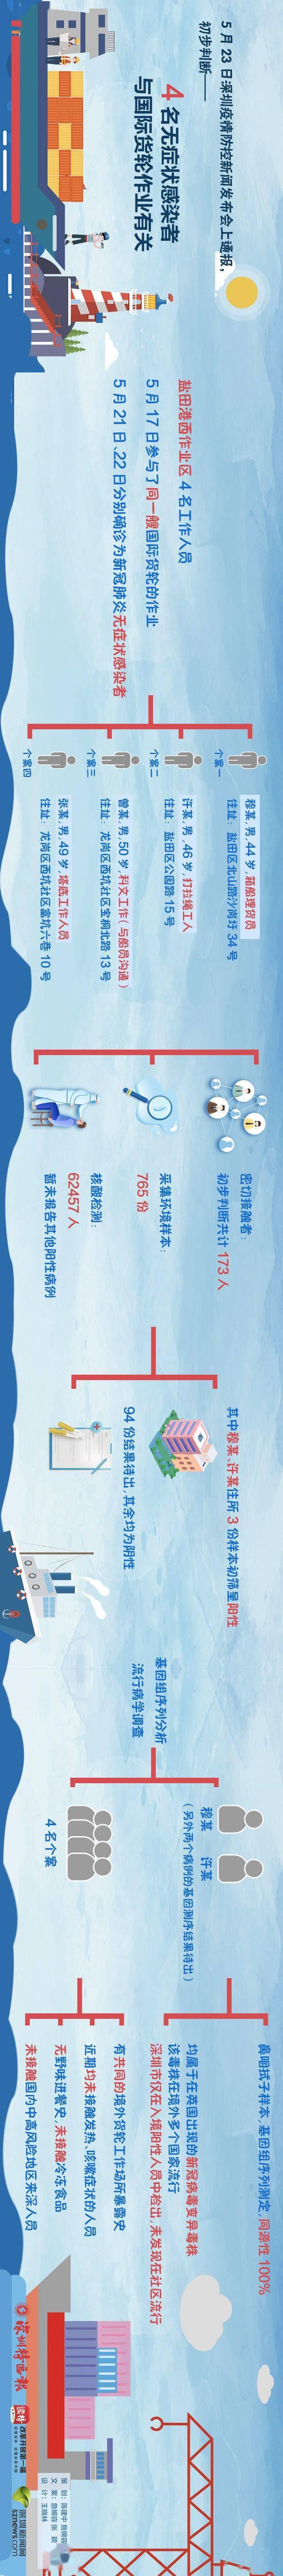 菲娱国际平台app-首页【1.1.7】